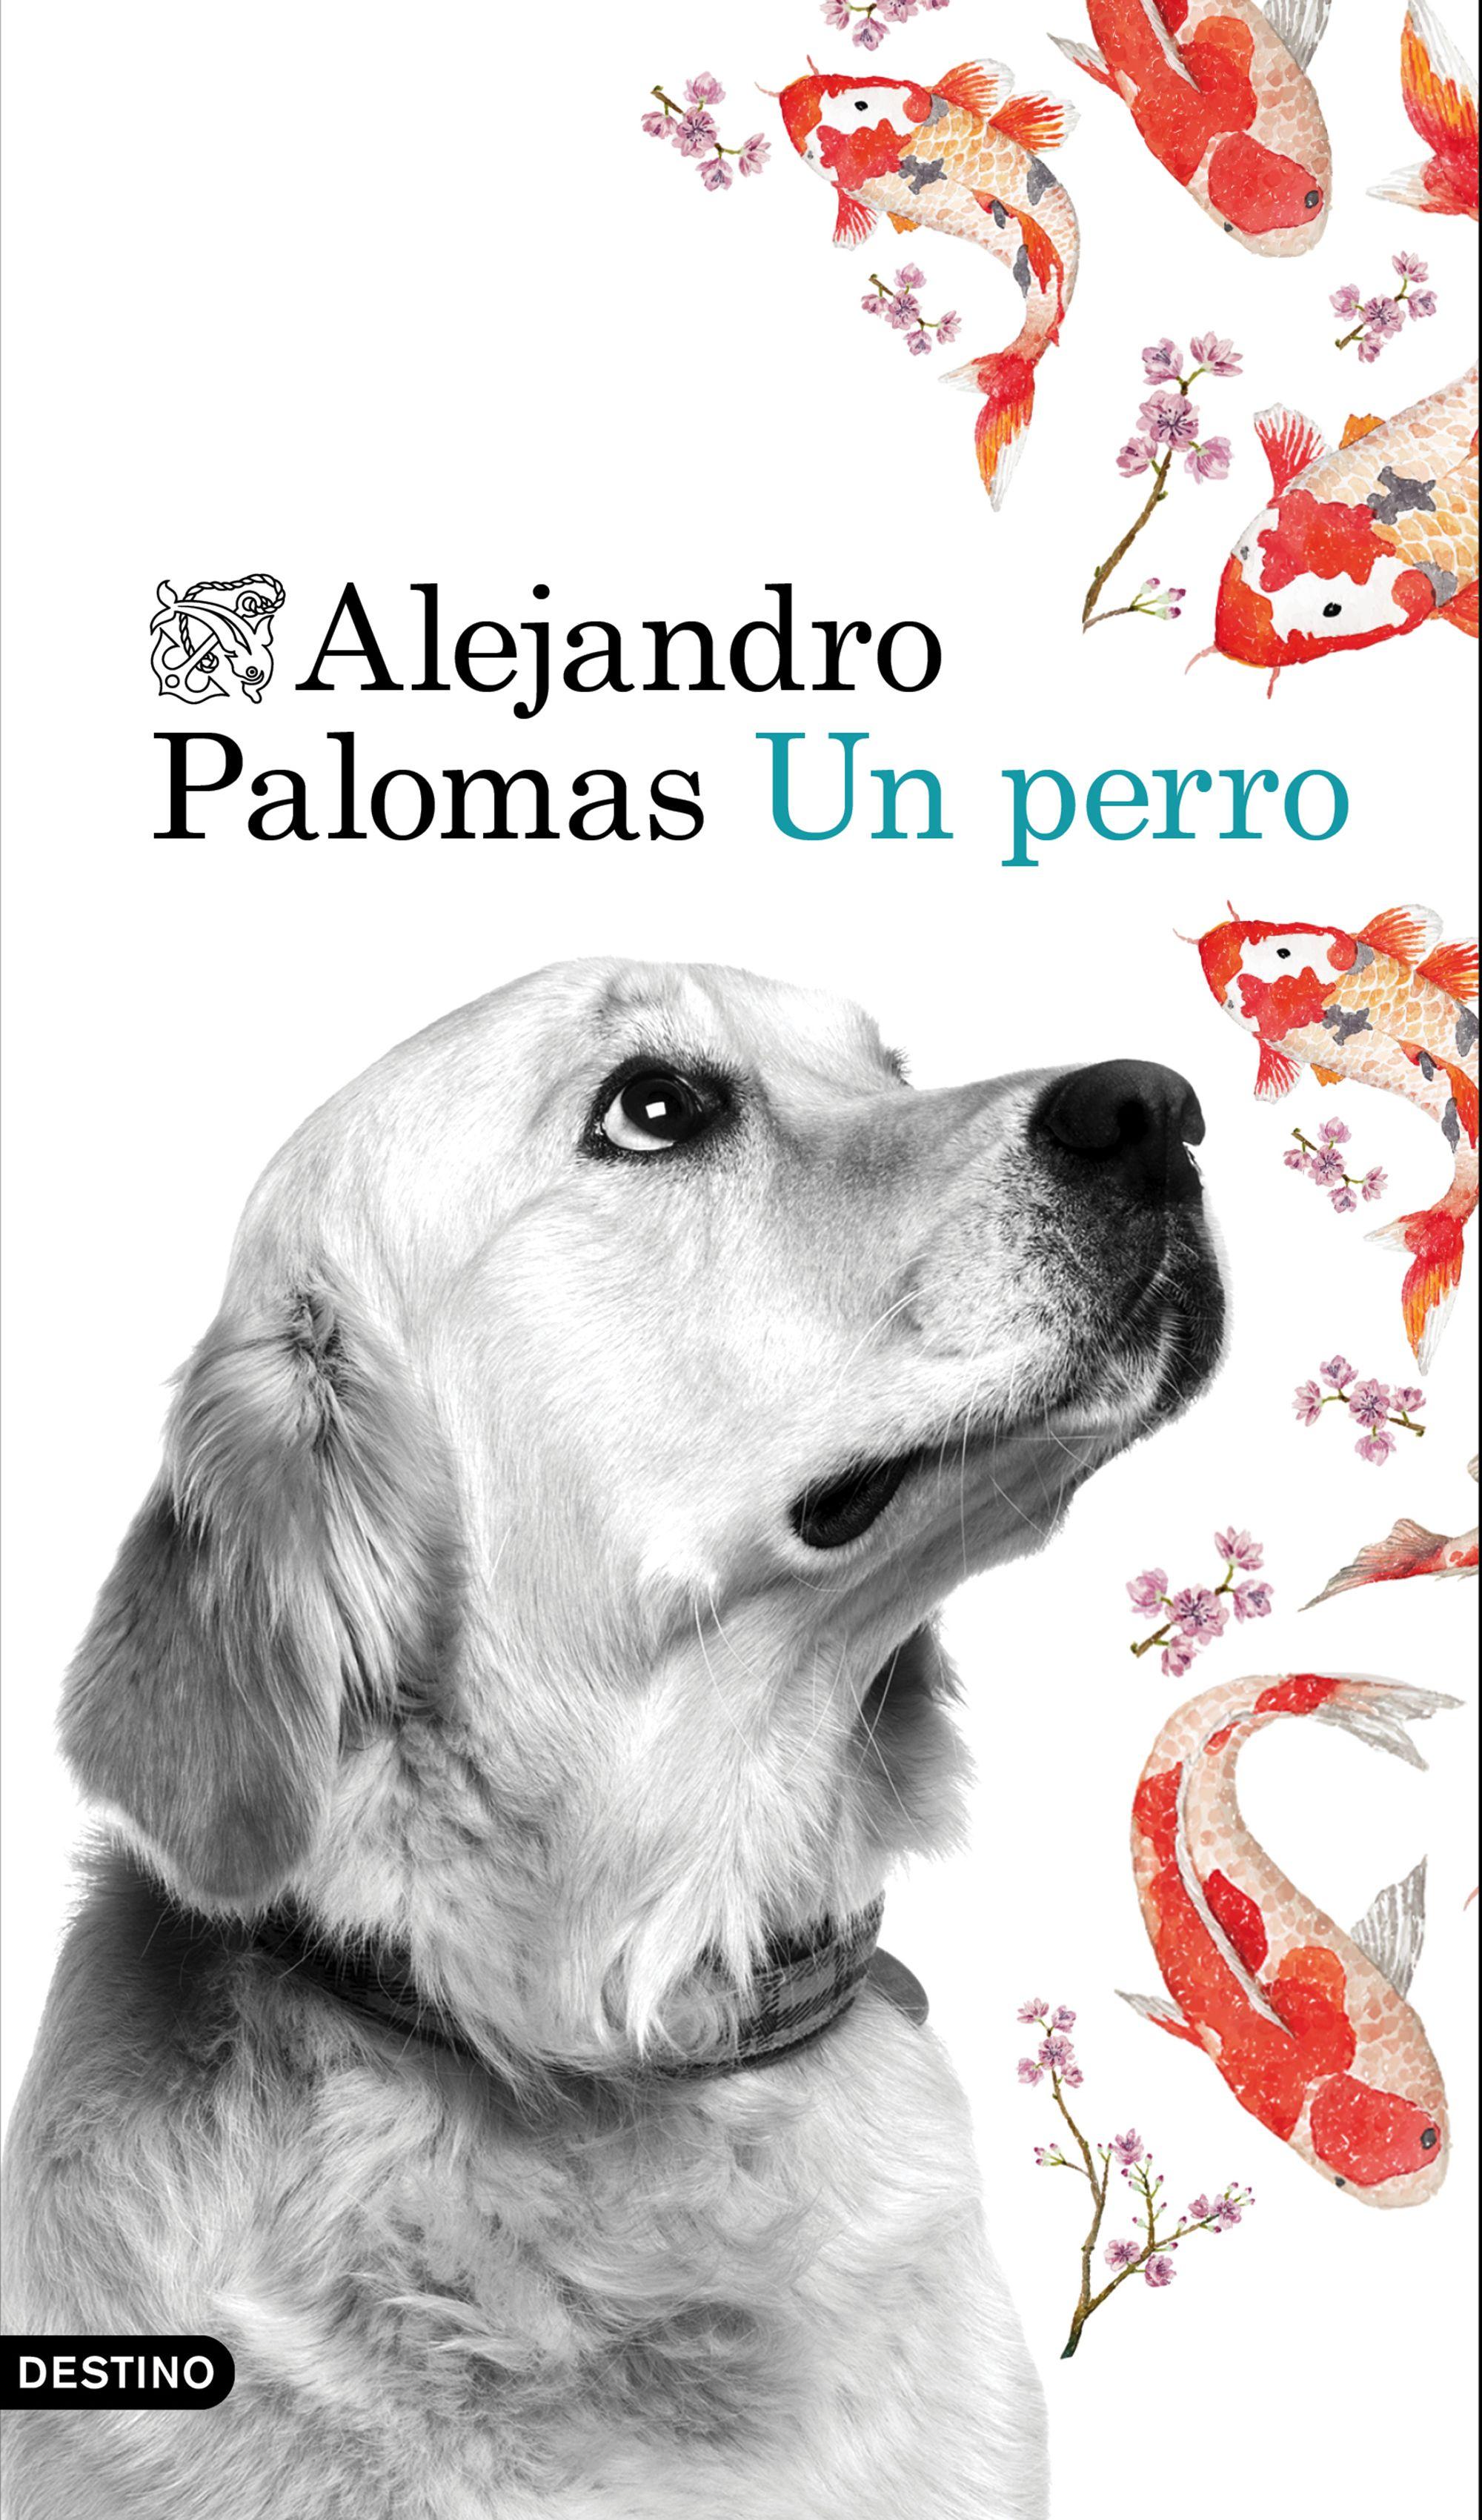 Resultado de imagen de un perro alejandro palomas